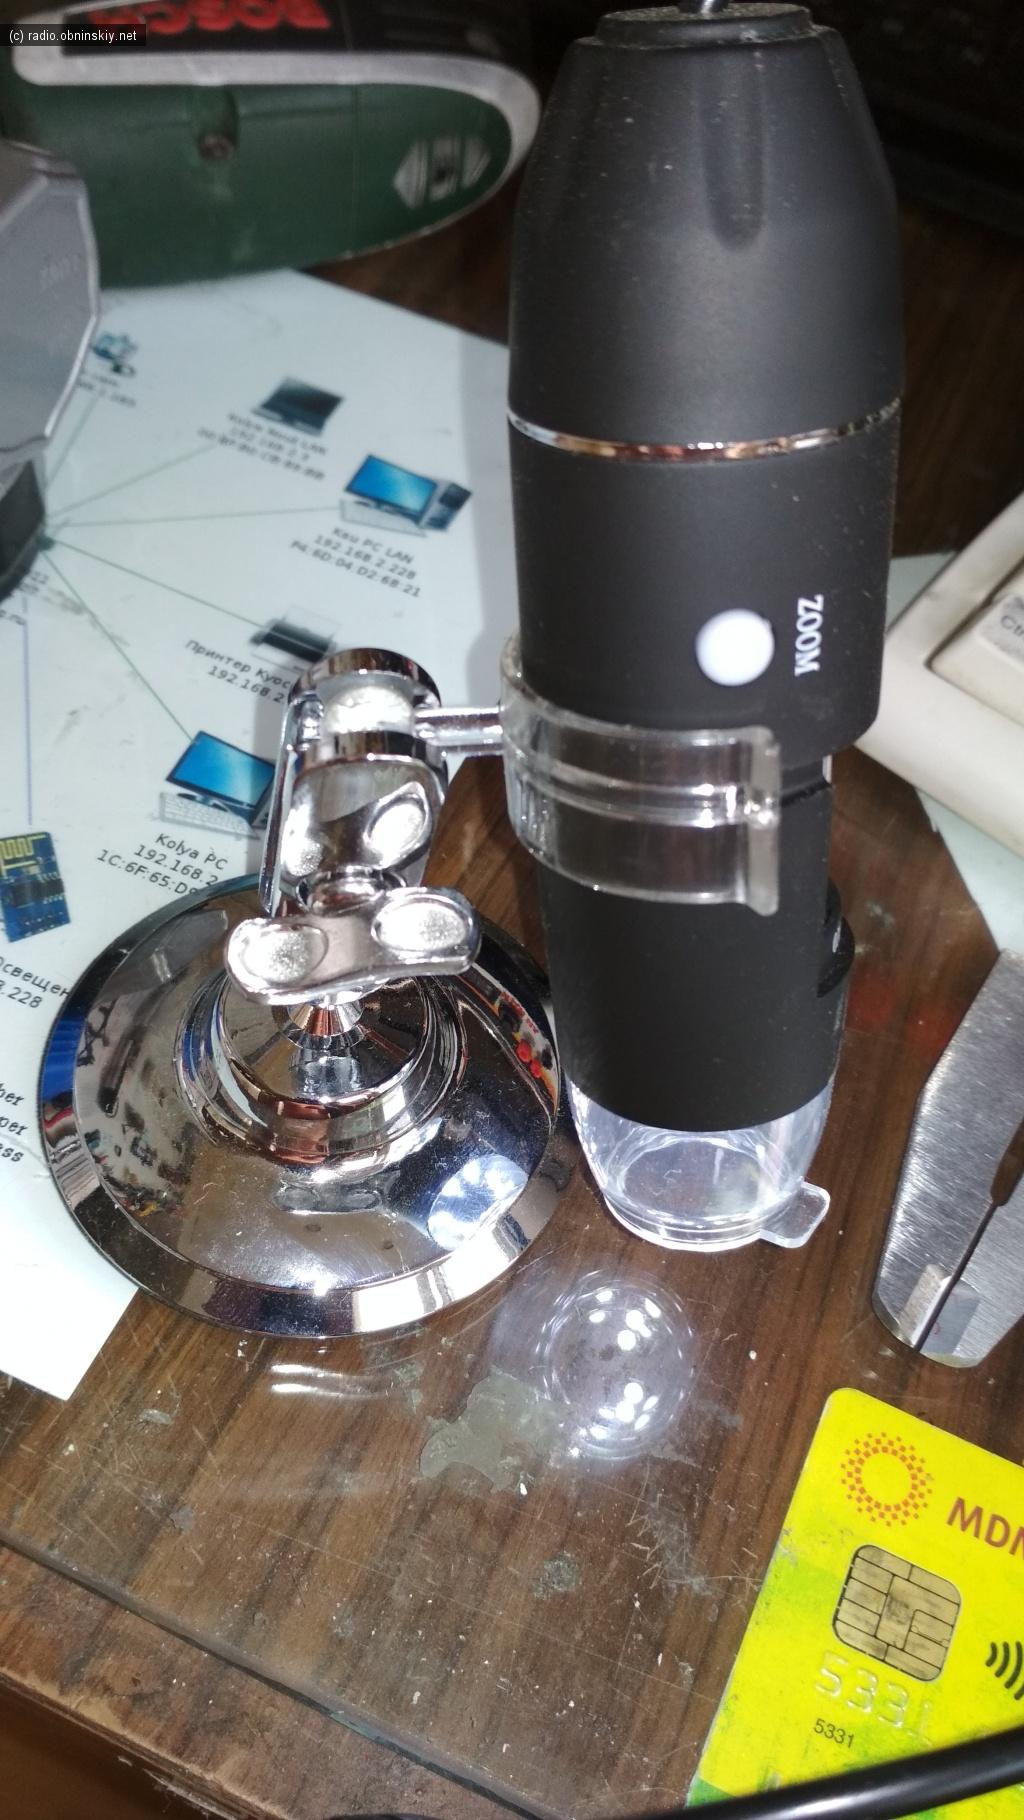 гыи микроскоп купленный в китае выбор лучший